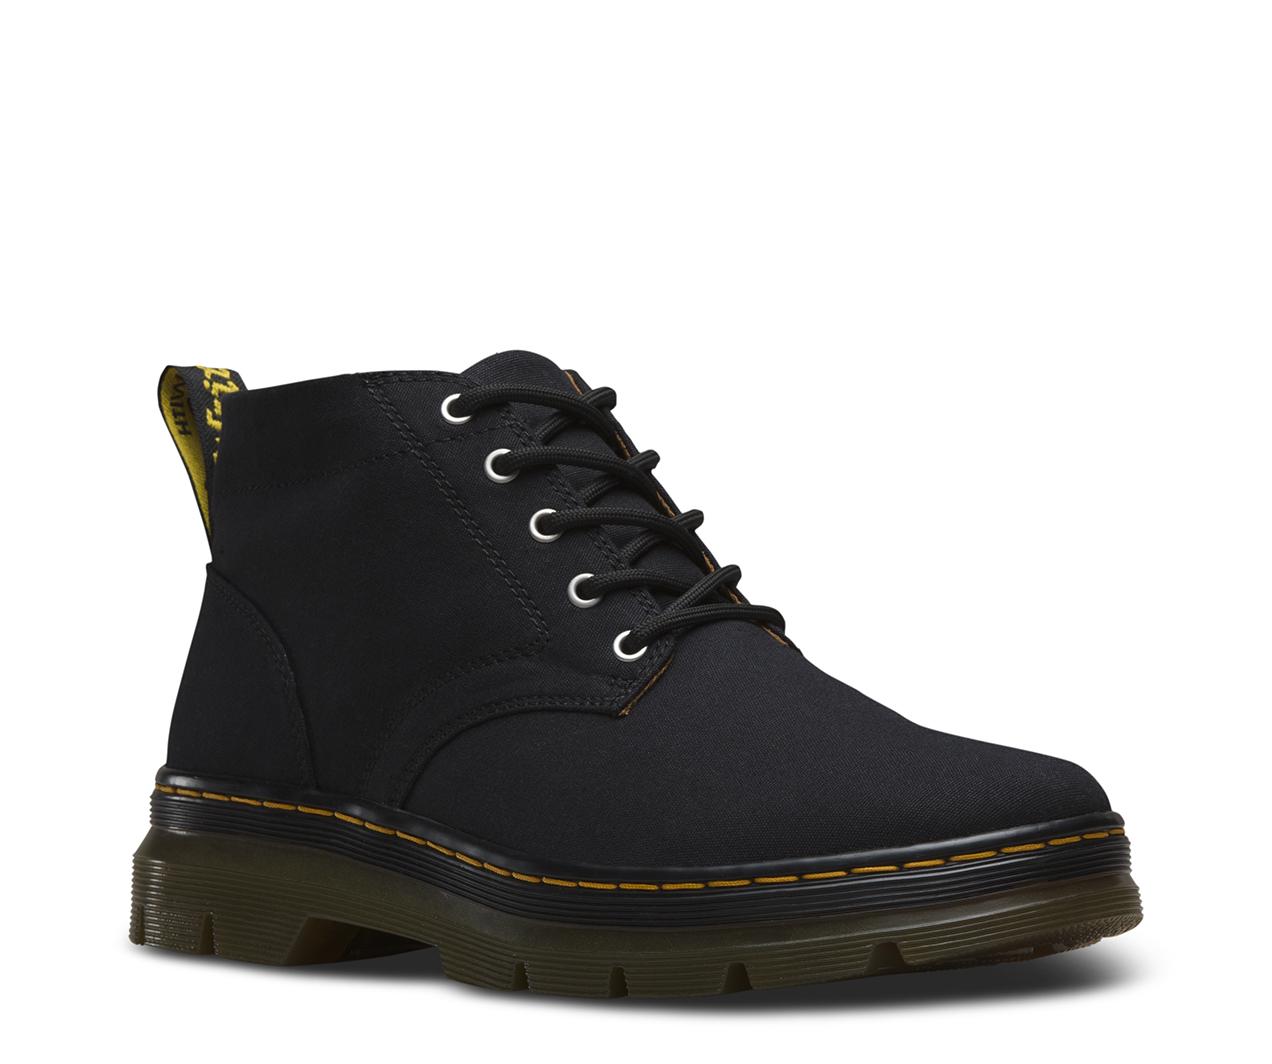 bonny canvas men 39 s boots official dr martens store uk. Black Bedroom Furniture Sets. Home Design Ideas